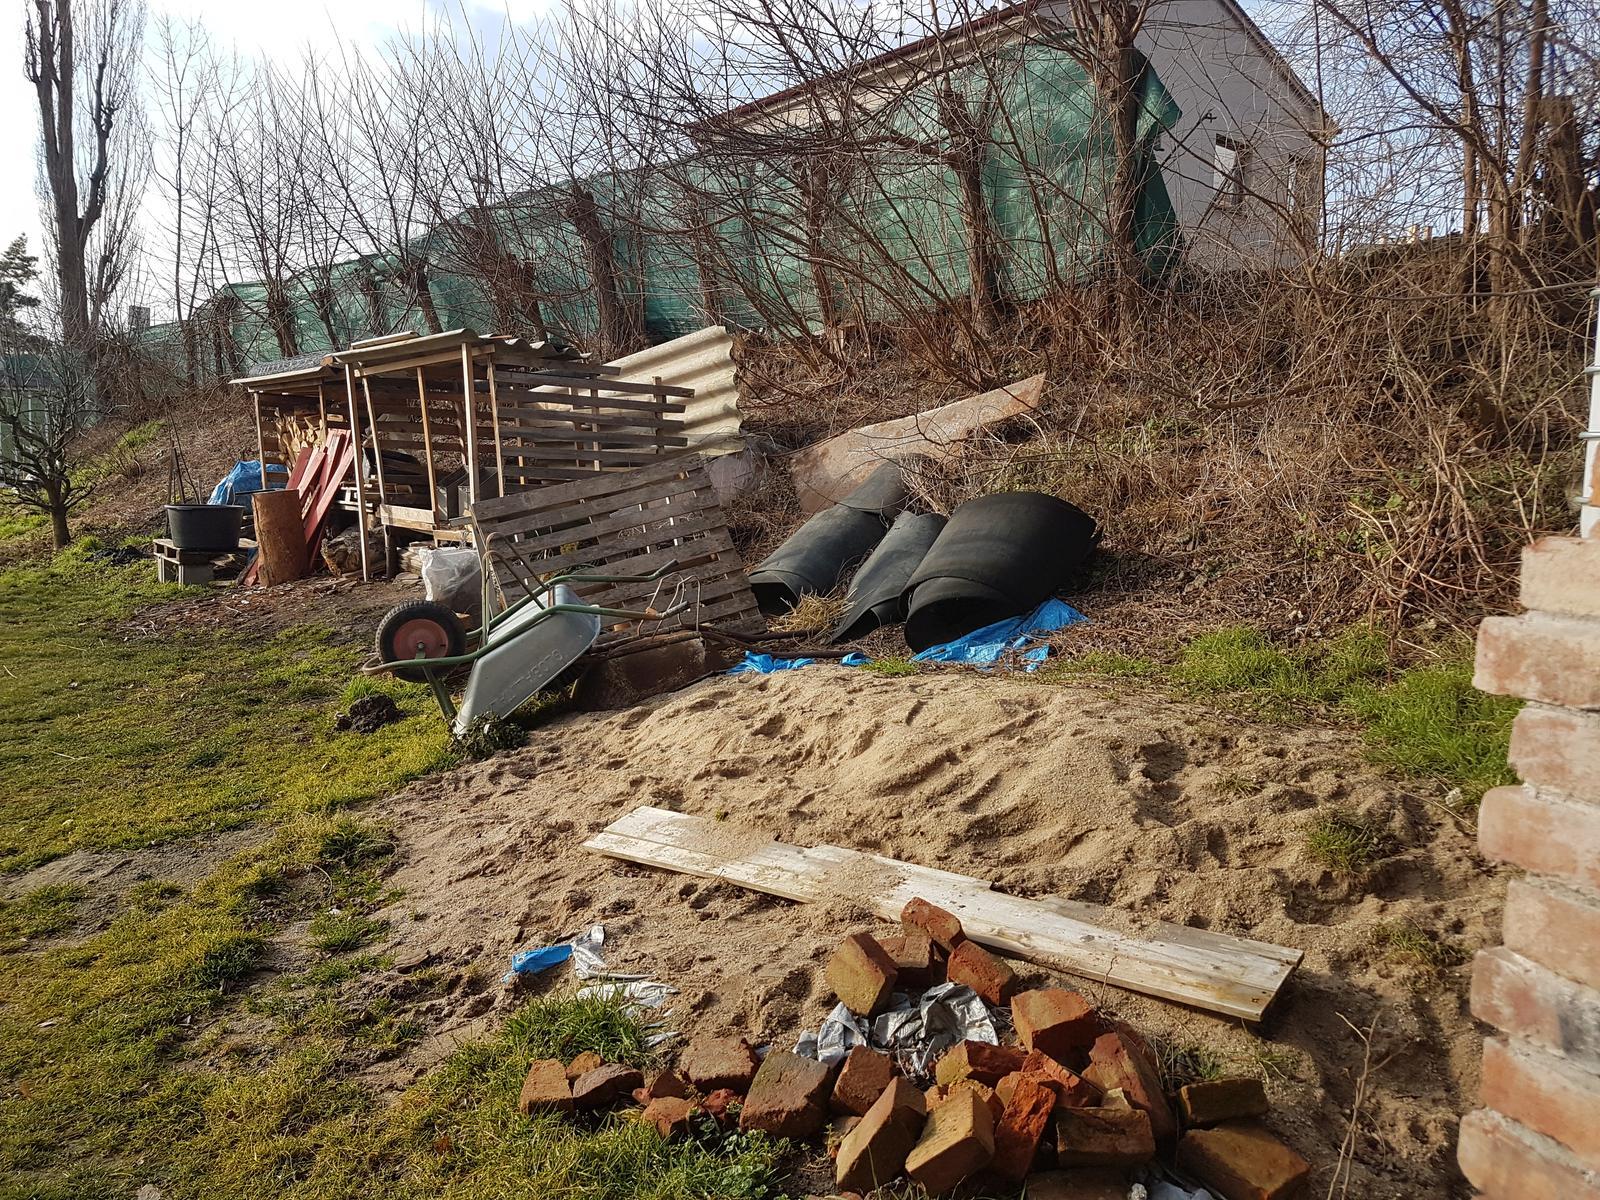 Drevník a kafé kútik - projekt roku  2018 - Drevniky zrušiť, prehádzať piesok, vyčistiť svah, vykolíkovať a rozmerať. Postup je jasny, ideme na to.